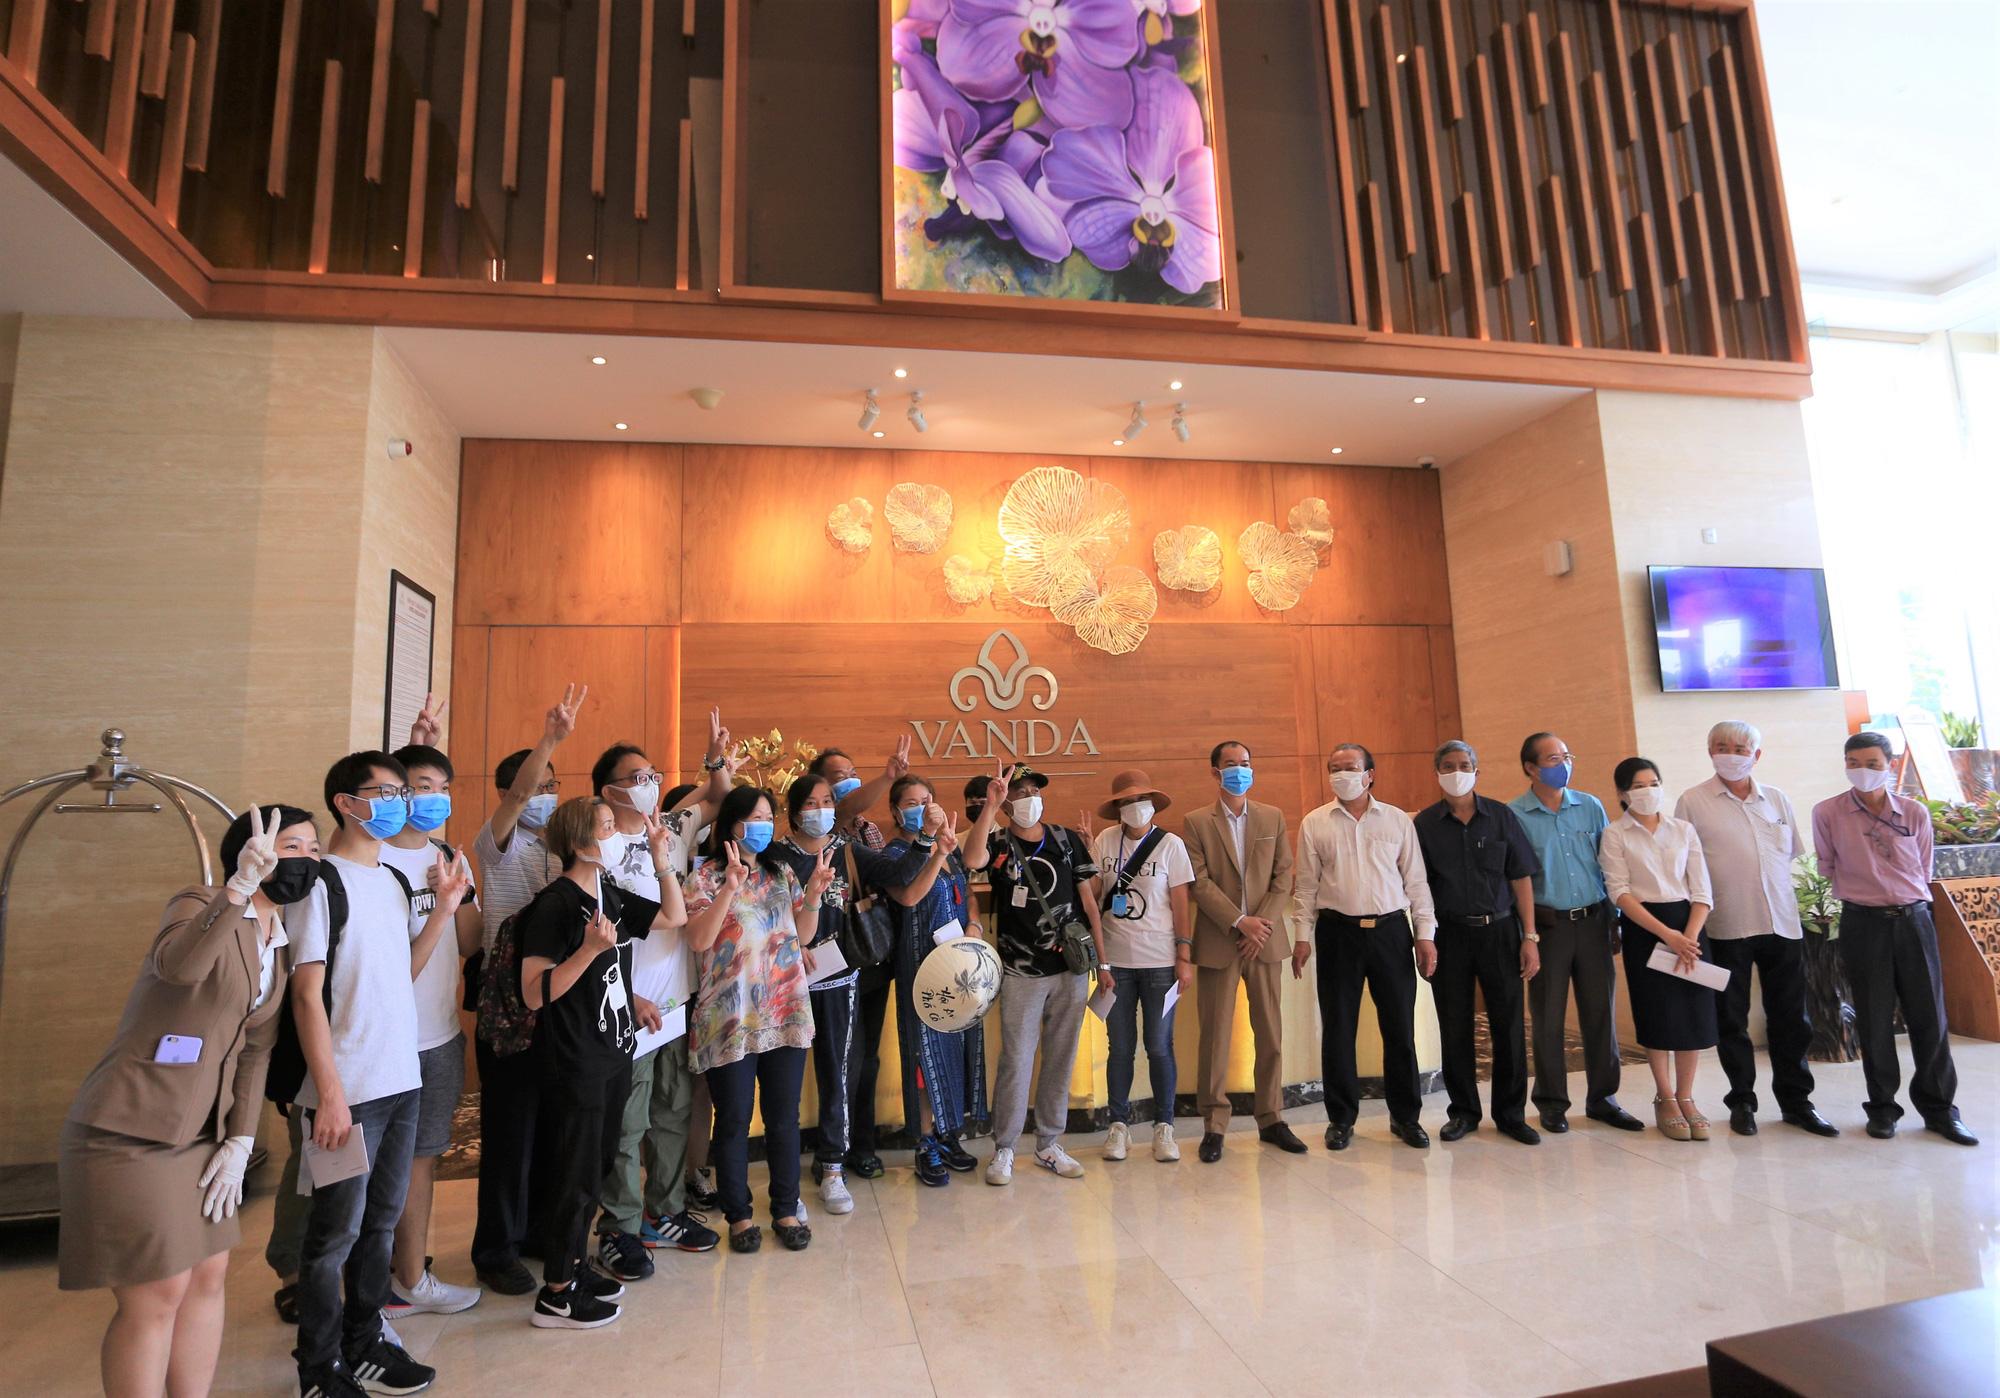 Du khách nước ngoài vui mừng rời khu cách ly ở Đà Nẵng: Cảm ơn các bạn và chúng tôi sẽ quay lại vào một ngày thuận lợi hơn - Ảnh 2.